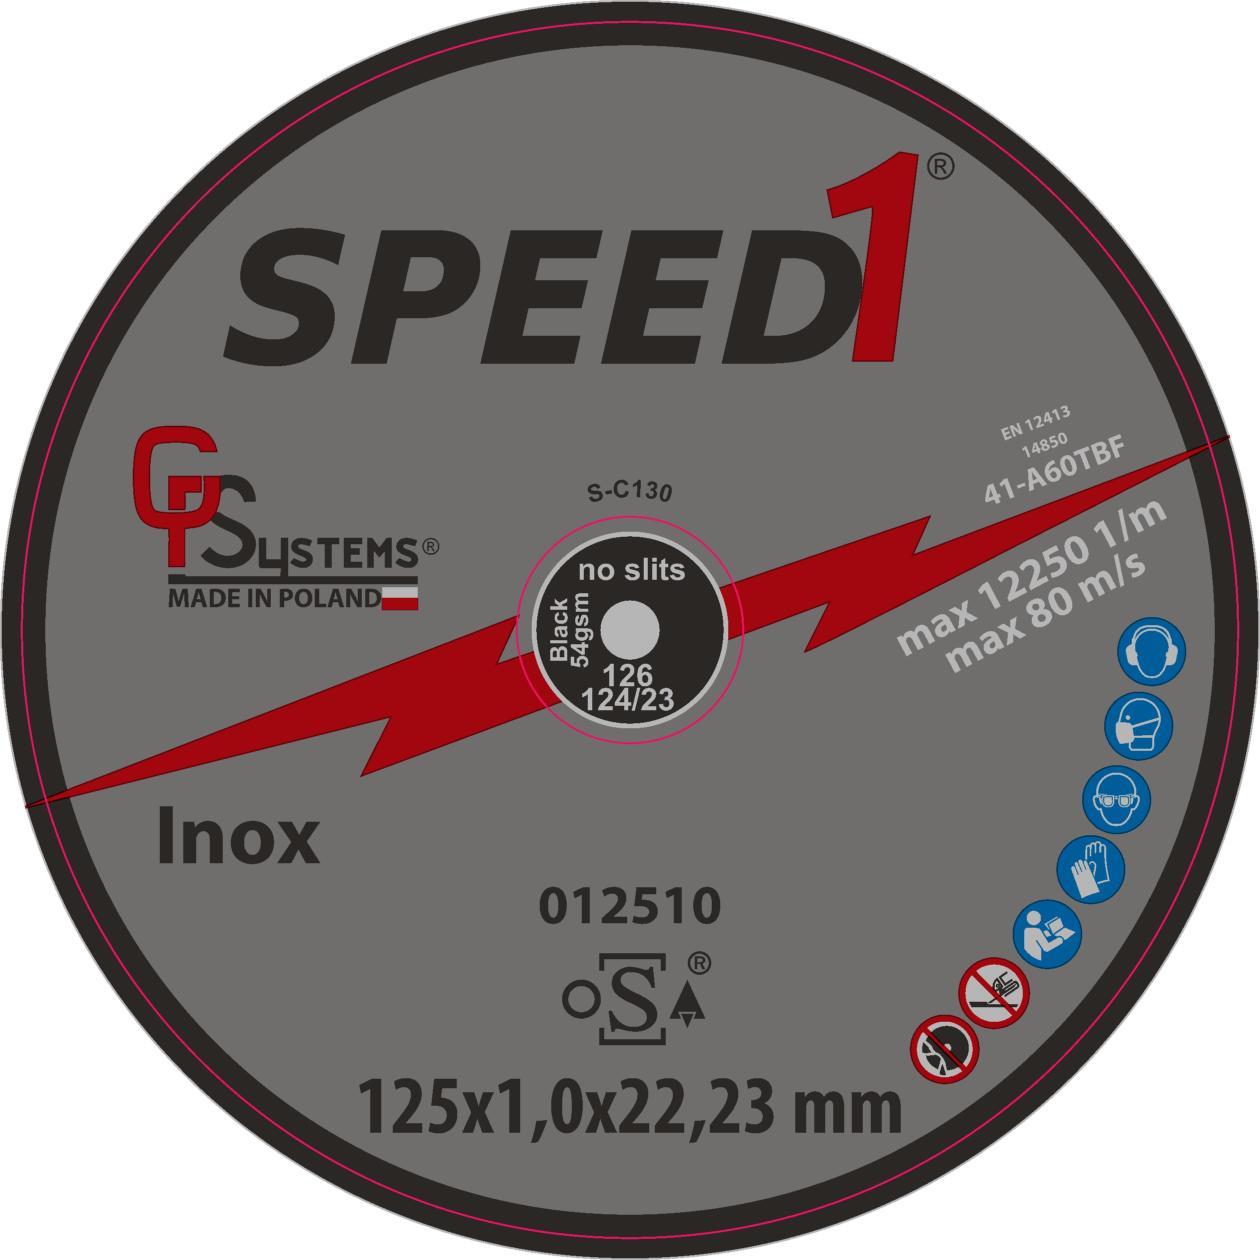 DachHolding gpsystems Speed1 - Tarcza do cięcia metal/inox 125x1,0x22,23mm